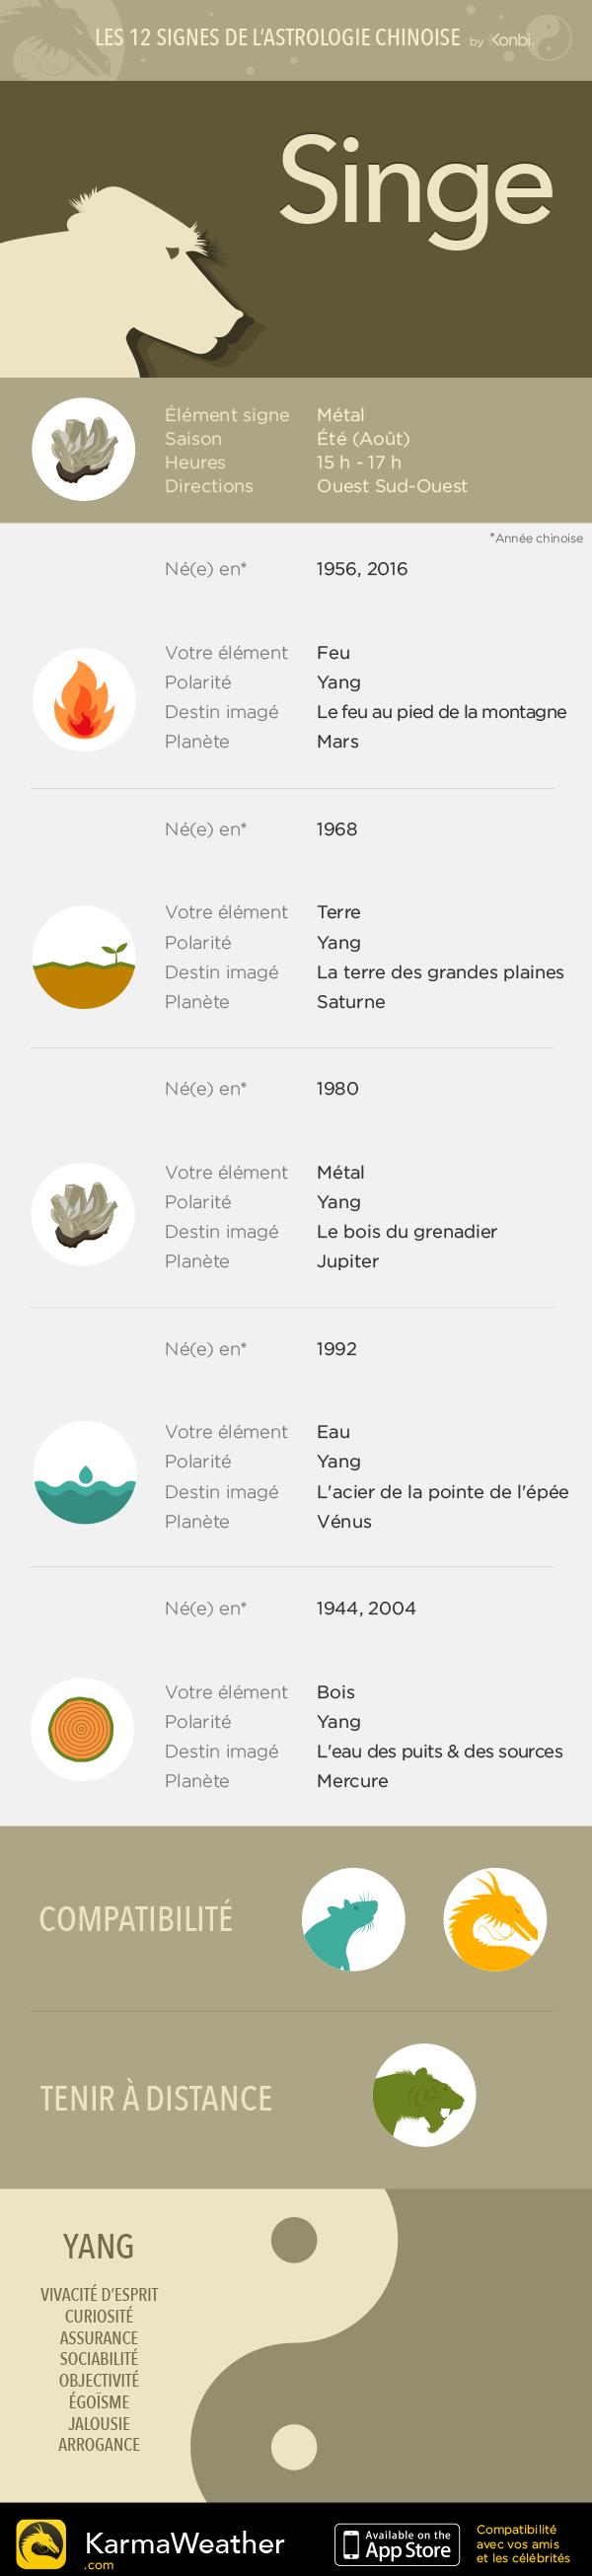 Les 12 signes astrologiques du zodiaque chinois : le Singe